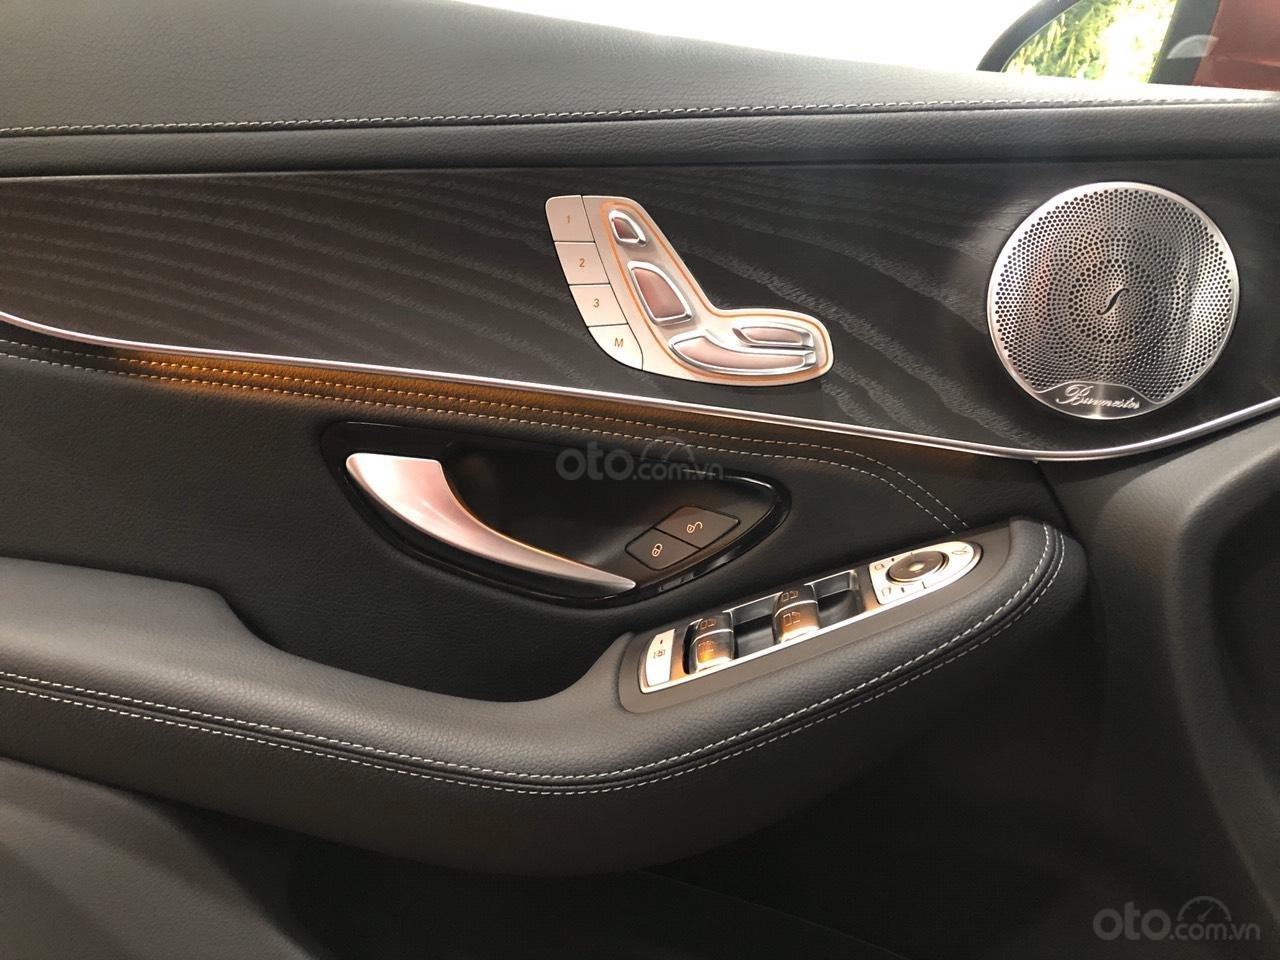 Cần bán nhanh chiếc Mercedes GLC - Class 300 AMG, năm 2019 - Có sẵn xe - Giao nhanh toàn quốc (11)